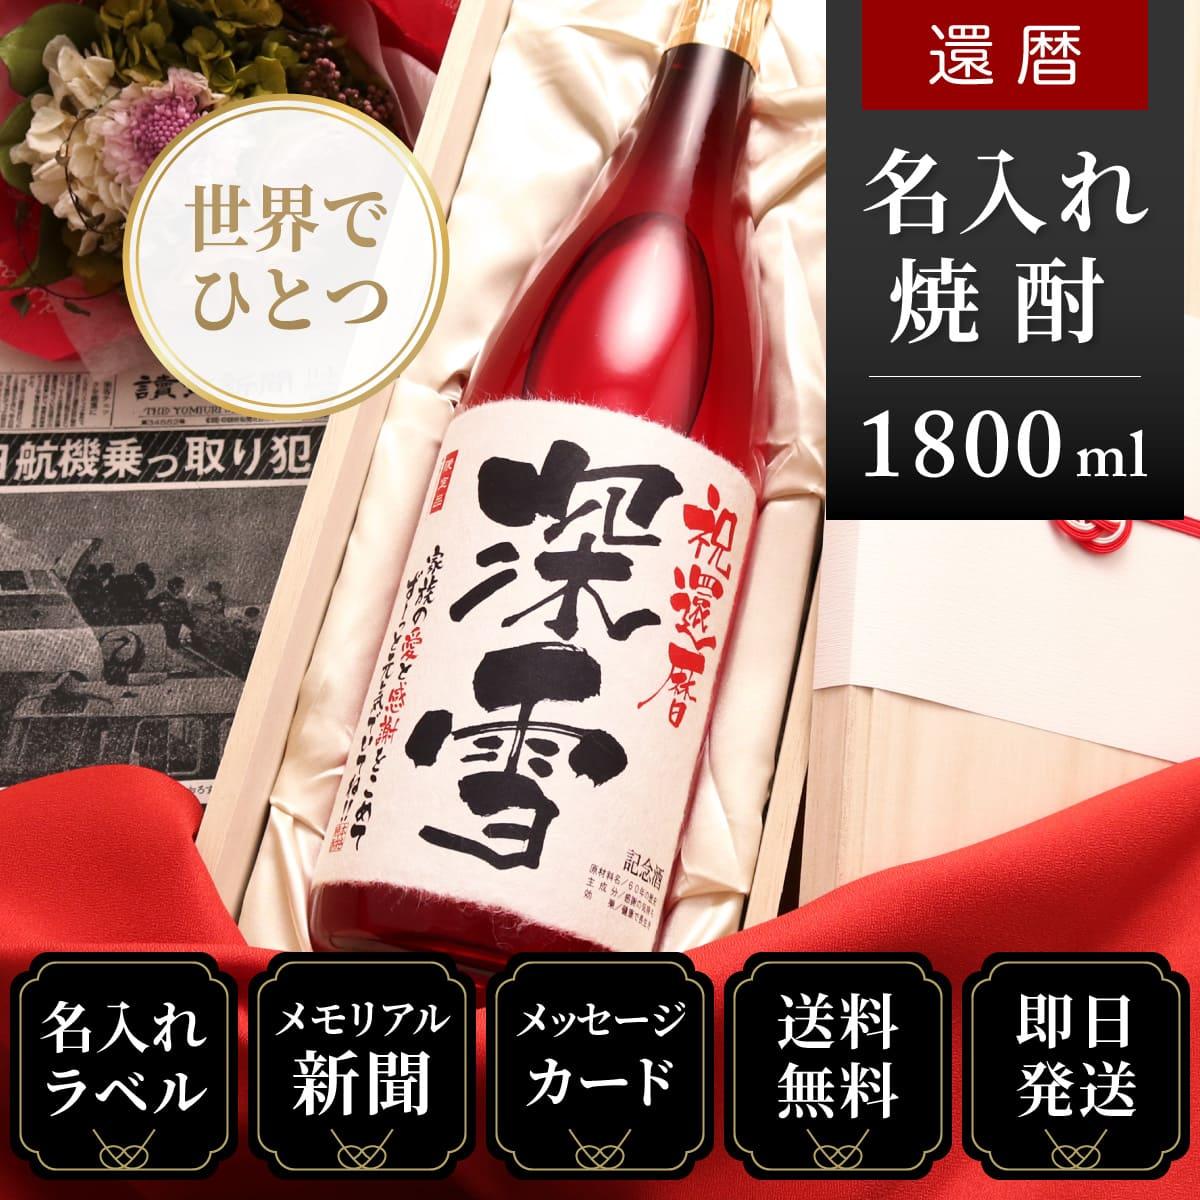 還暦のプレゼント「華乃撫子」父親向け贈り物(酒粕焼酎)